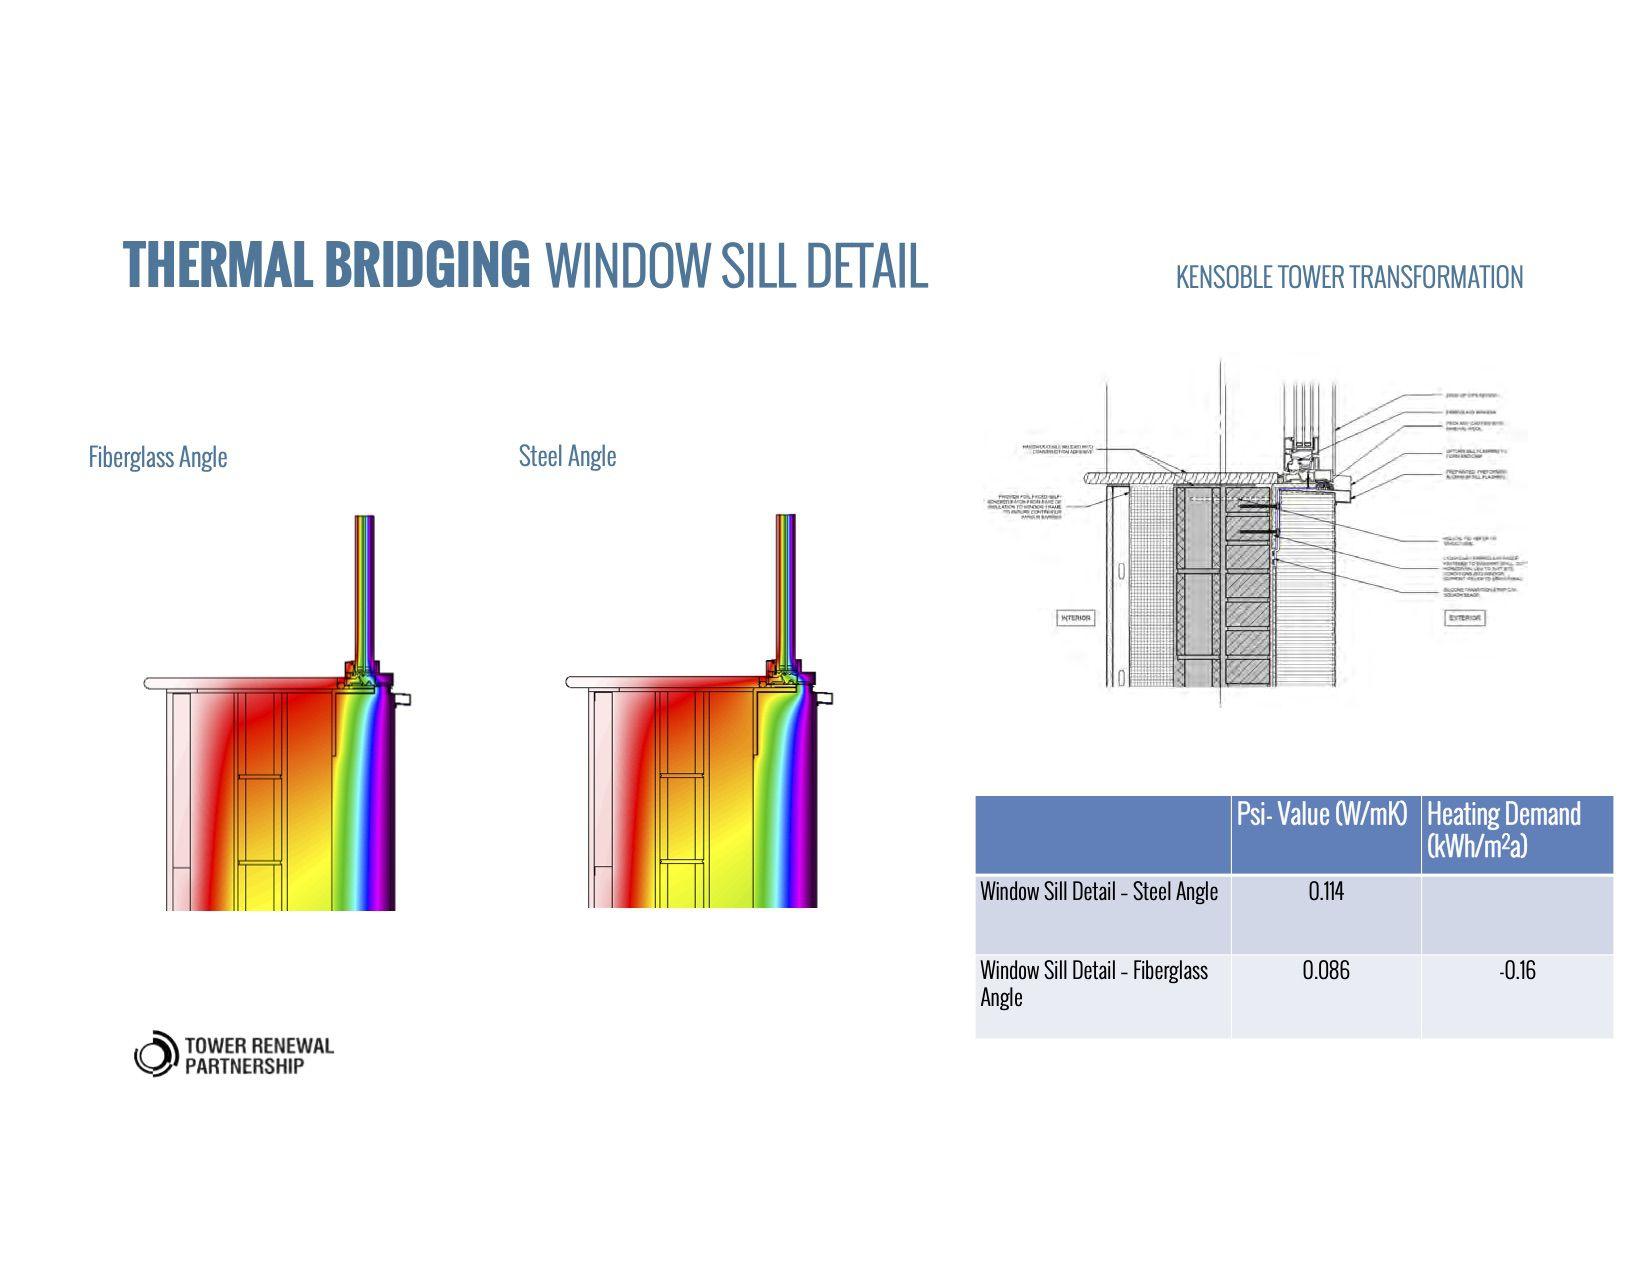 Thermal bridging at windows